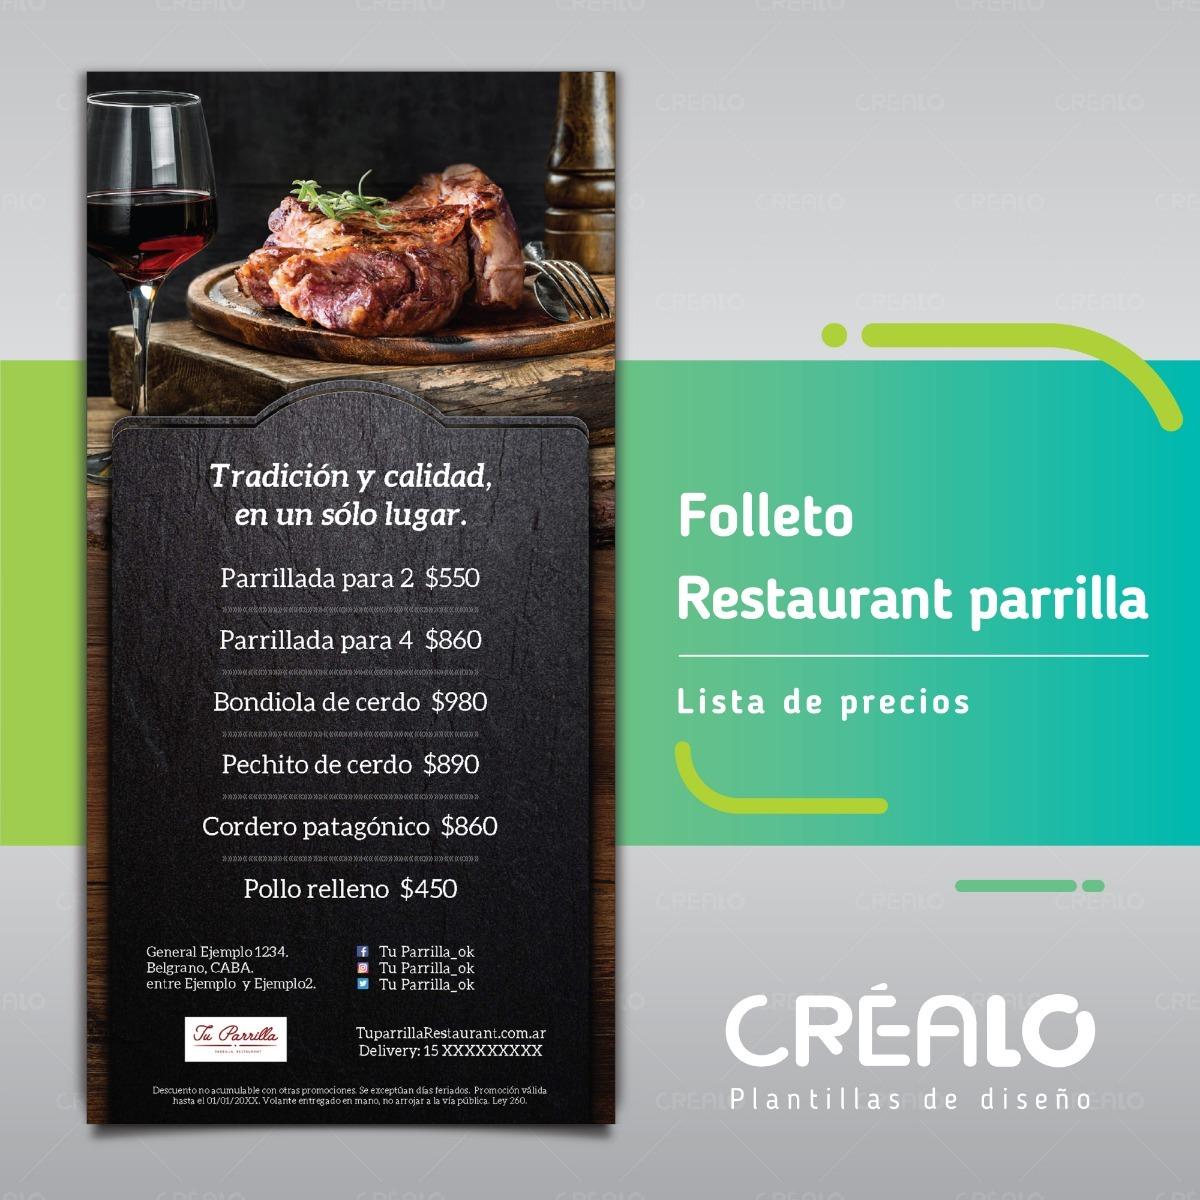 Folleto - Parrilla - Lista De Precios | Créalo Plantillas - $ 50,00 ...